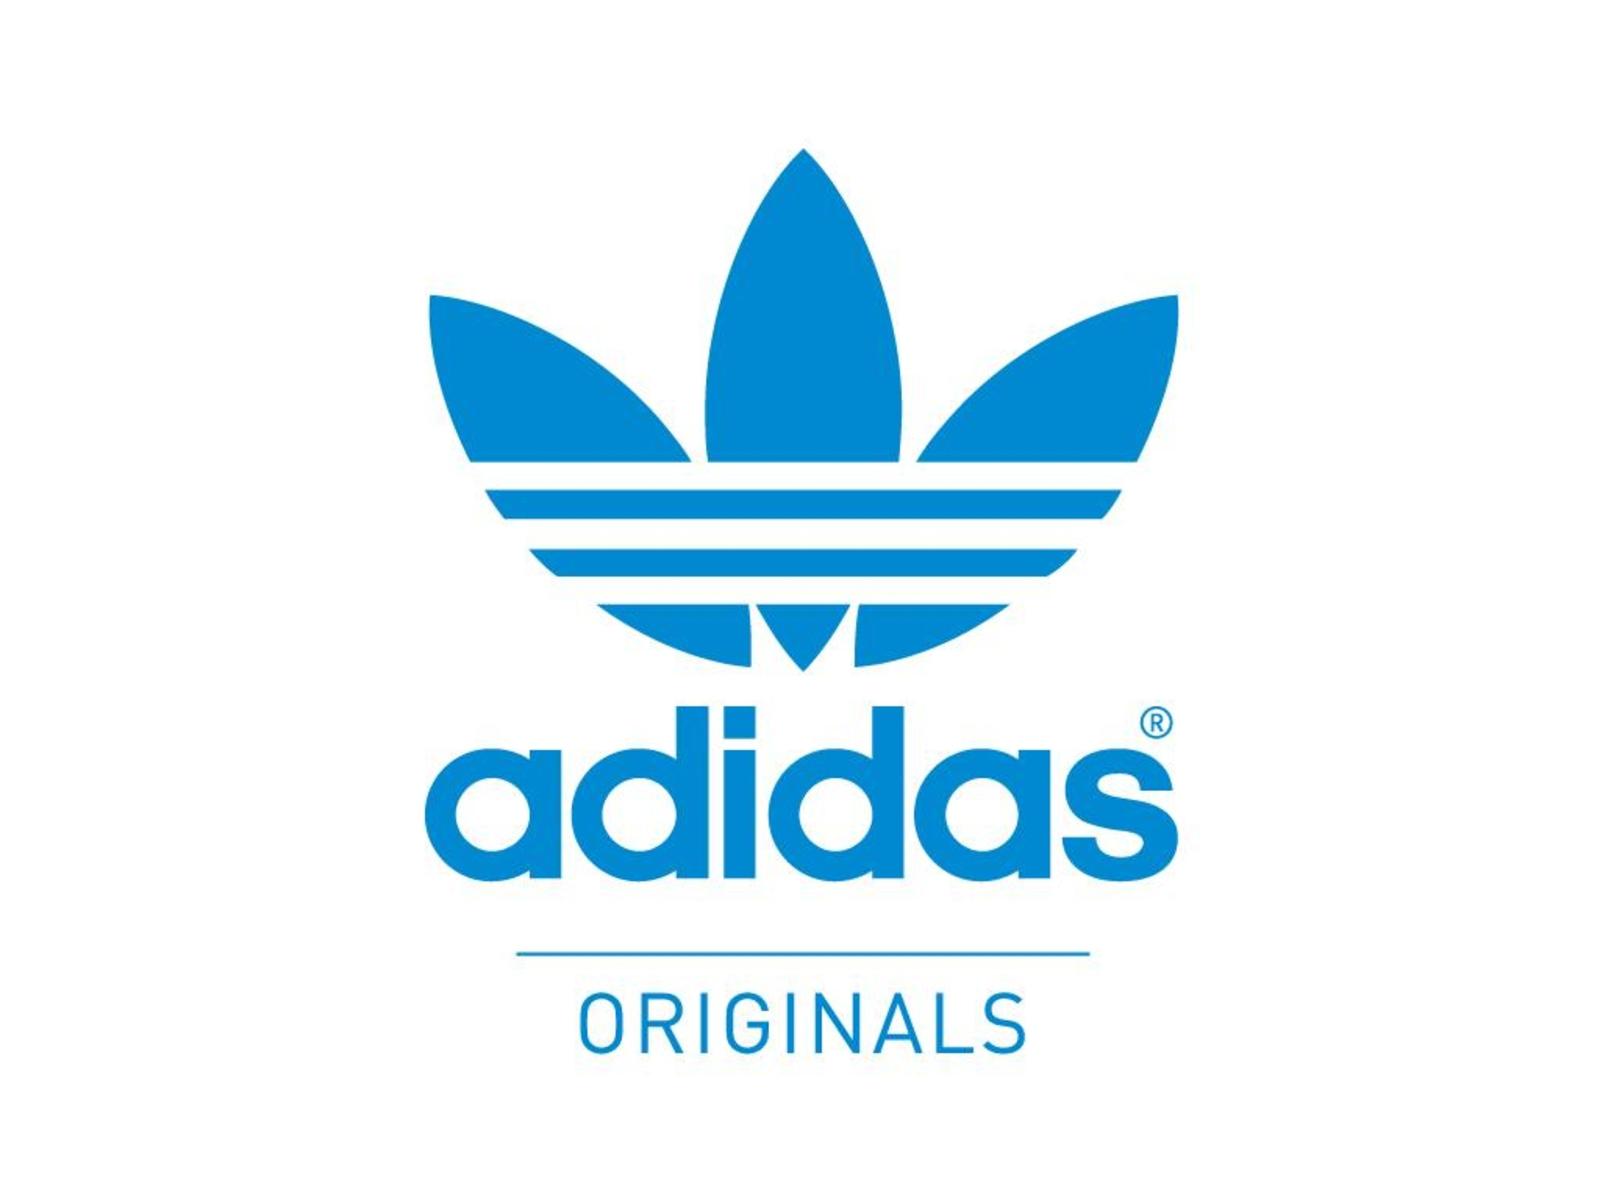 Adidas Screenshots